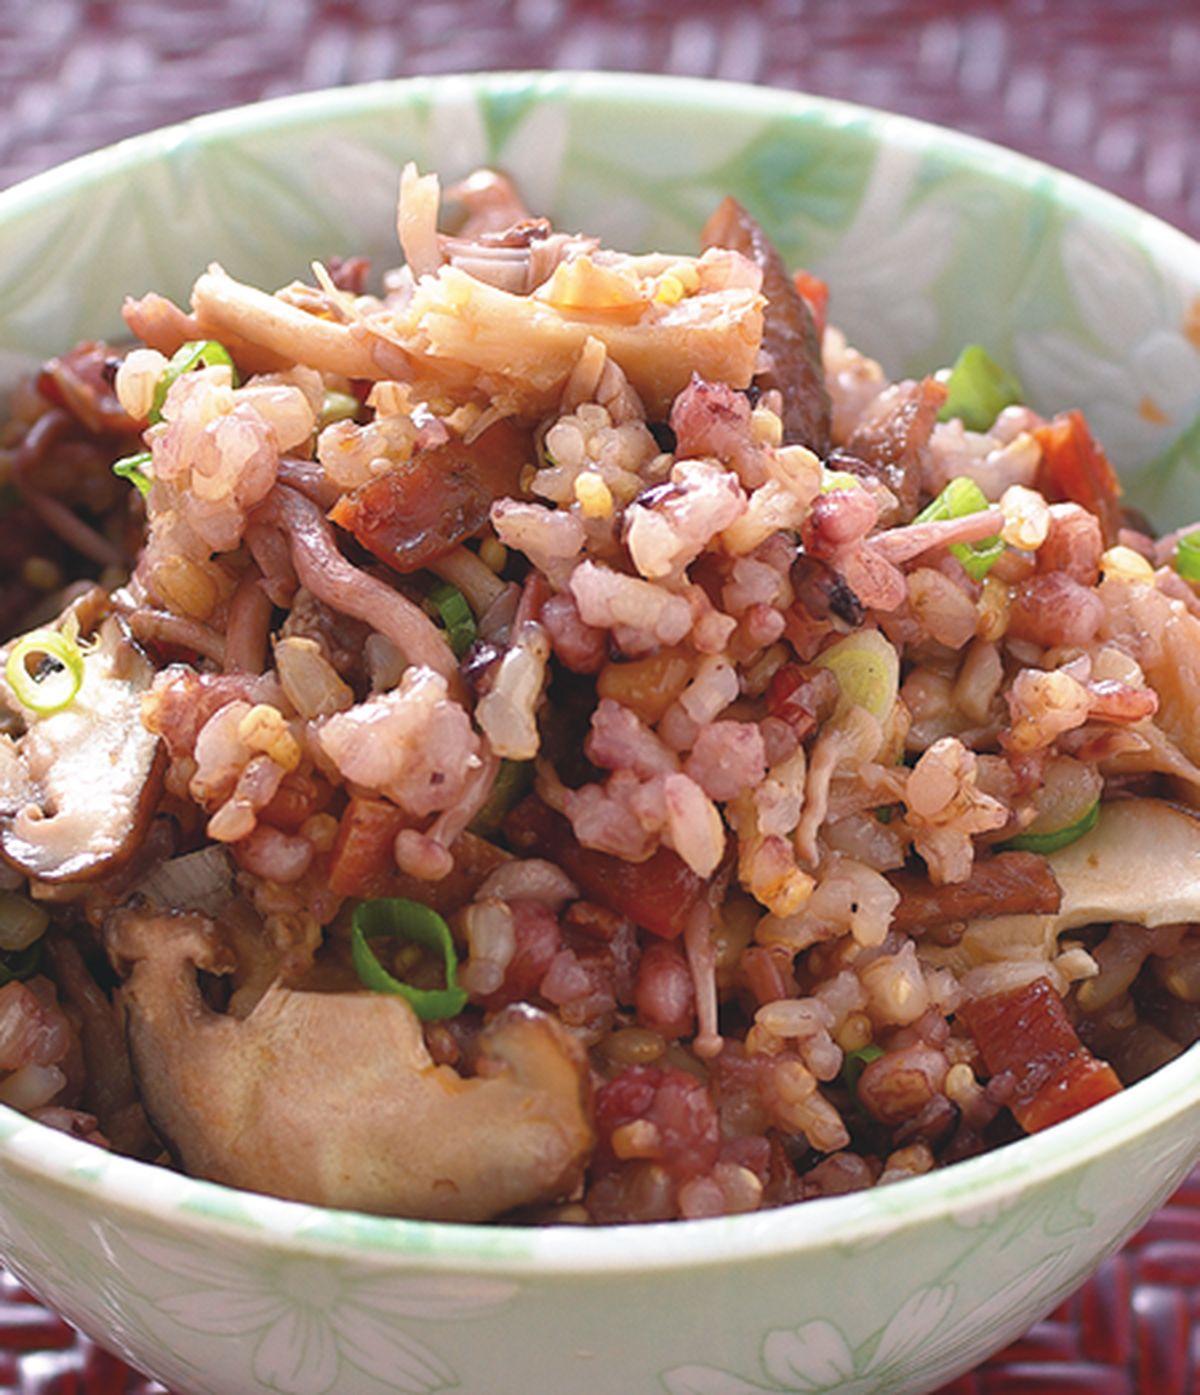 食譜:肉乾什錦菇飯